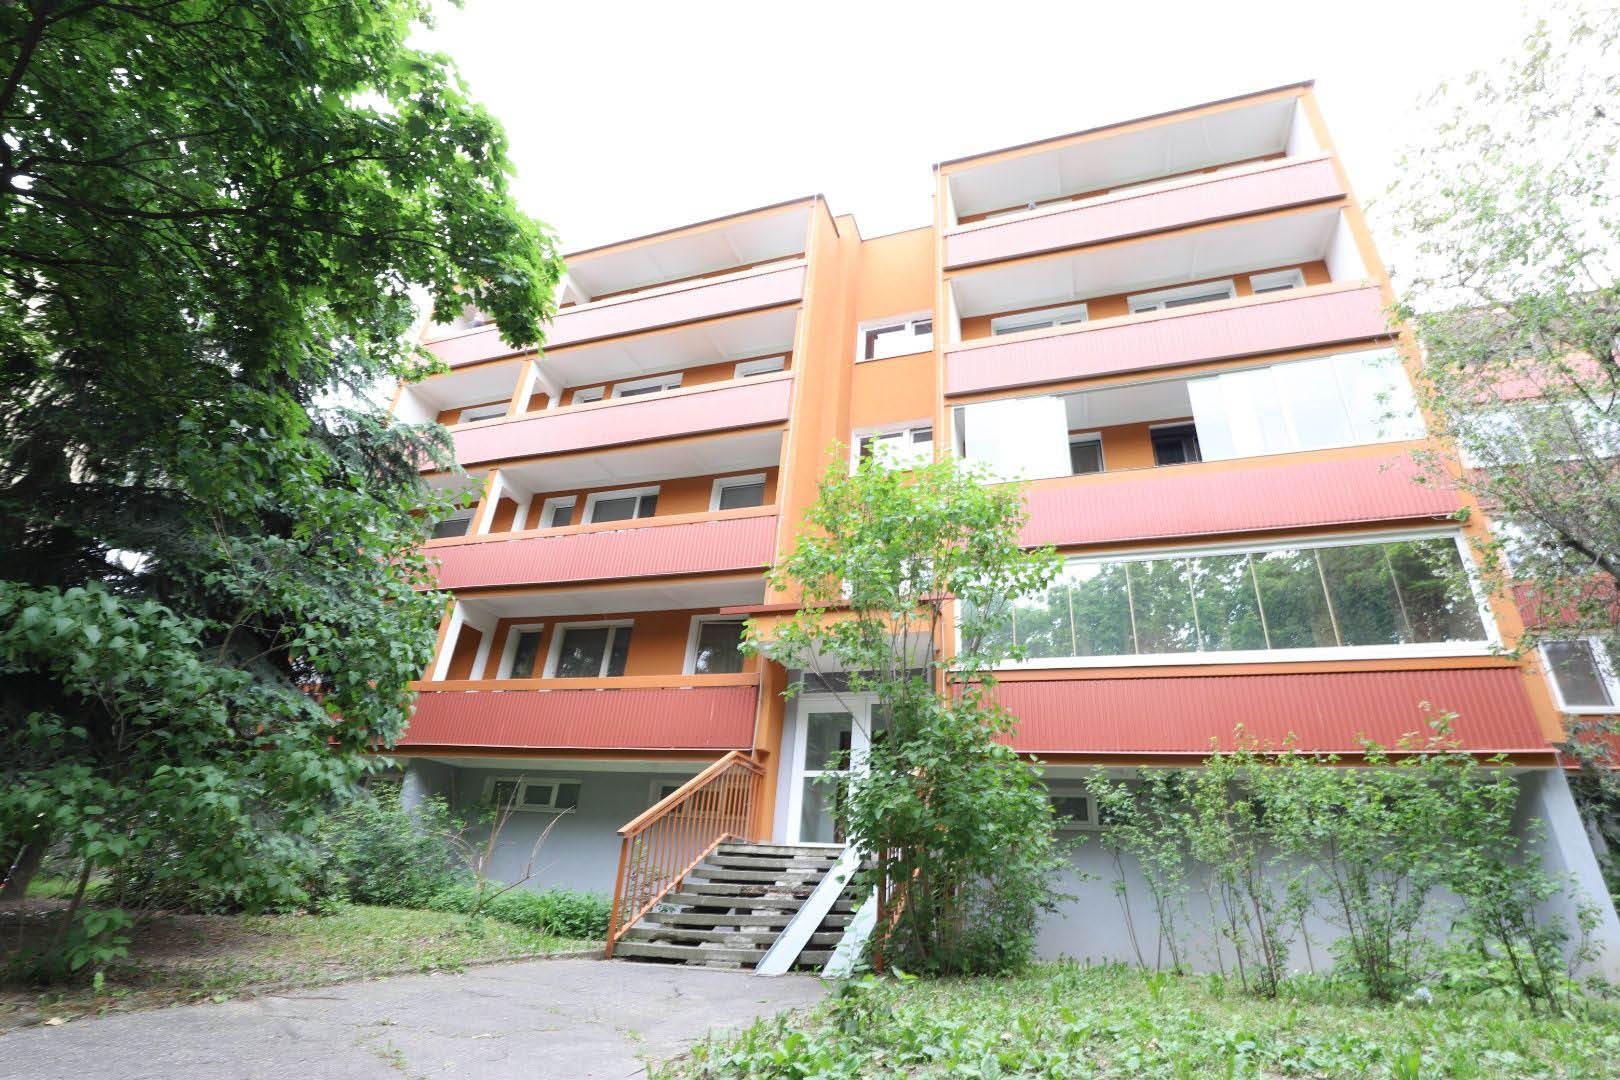 PREDANÉ | 3 izbový byt | Trnavská, Bratislava